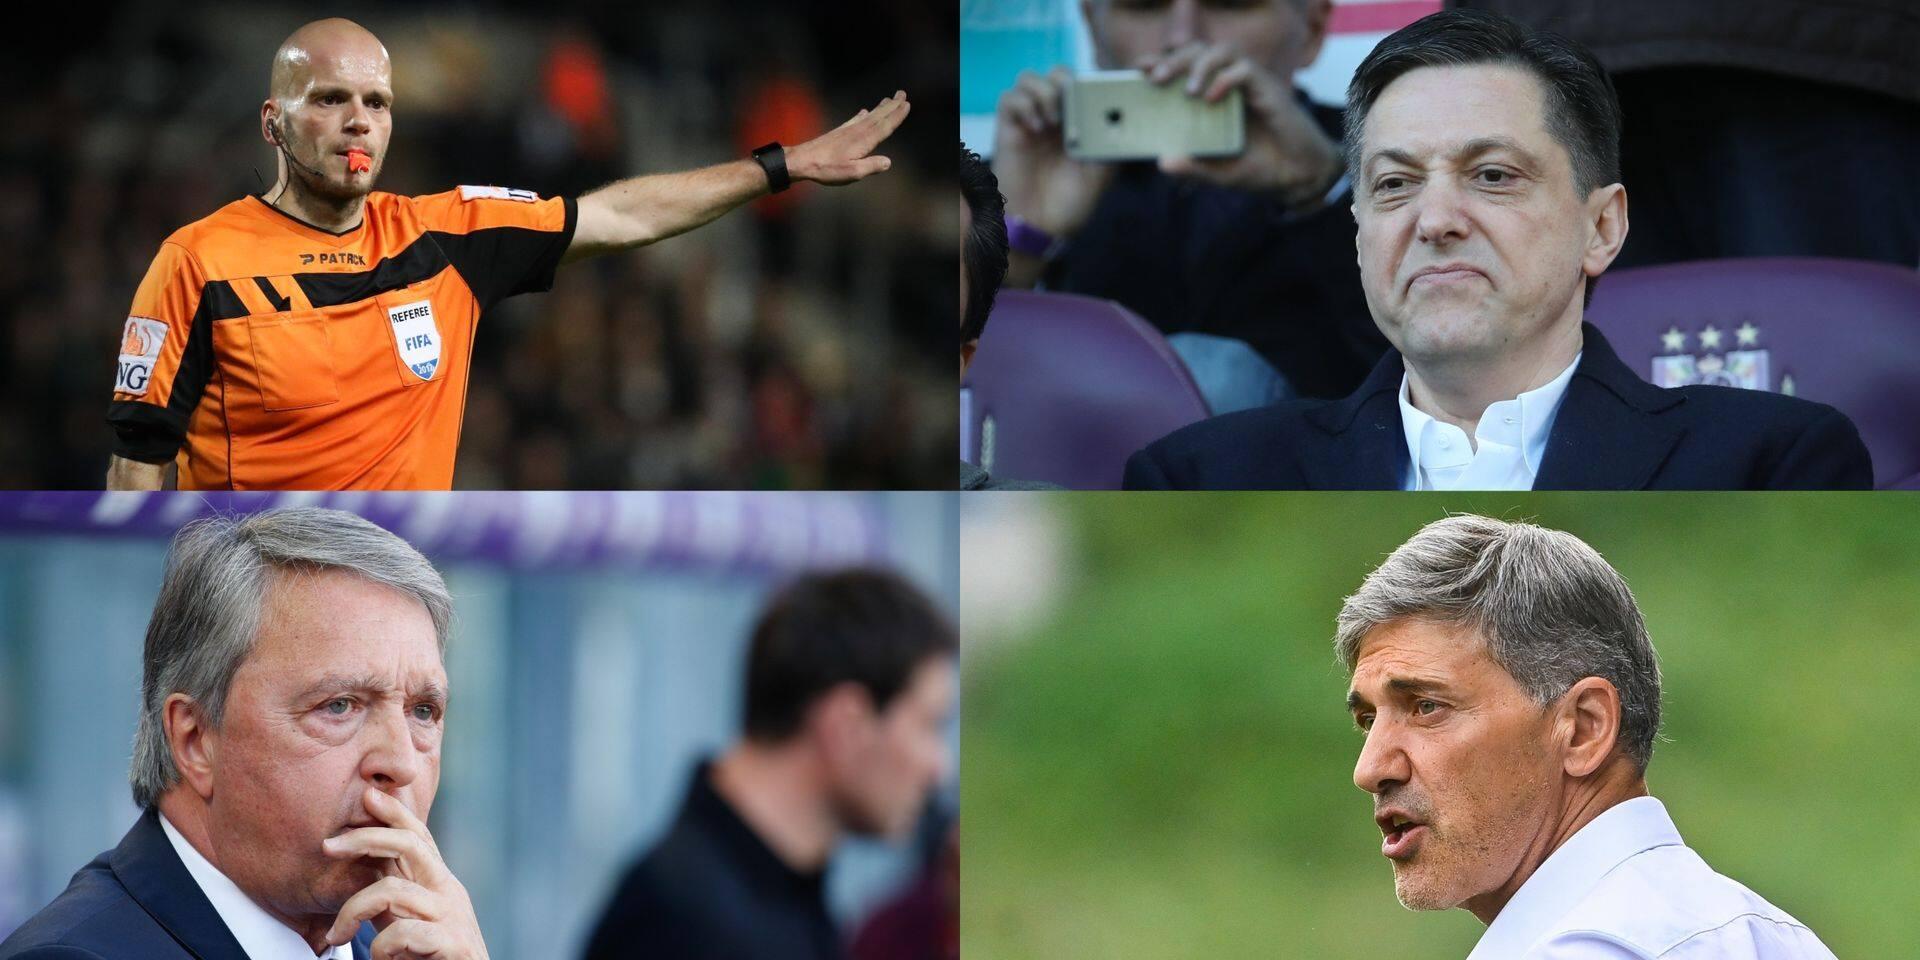 Delferière, Mazzu, Veljkovic, Van Holsbeeck: nouvelles révélations dans le Footgate